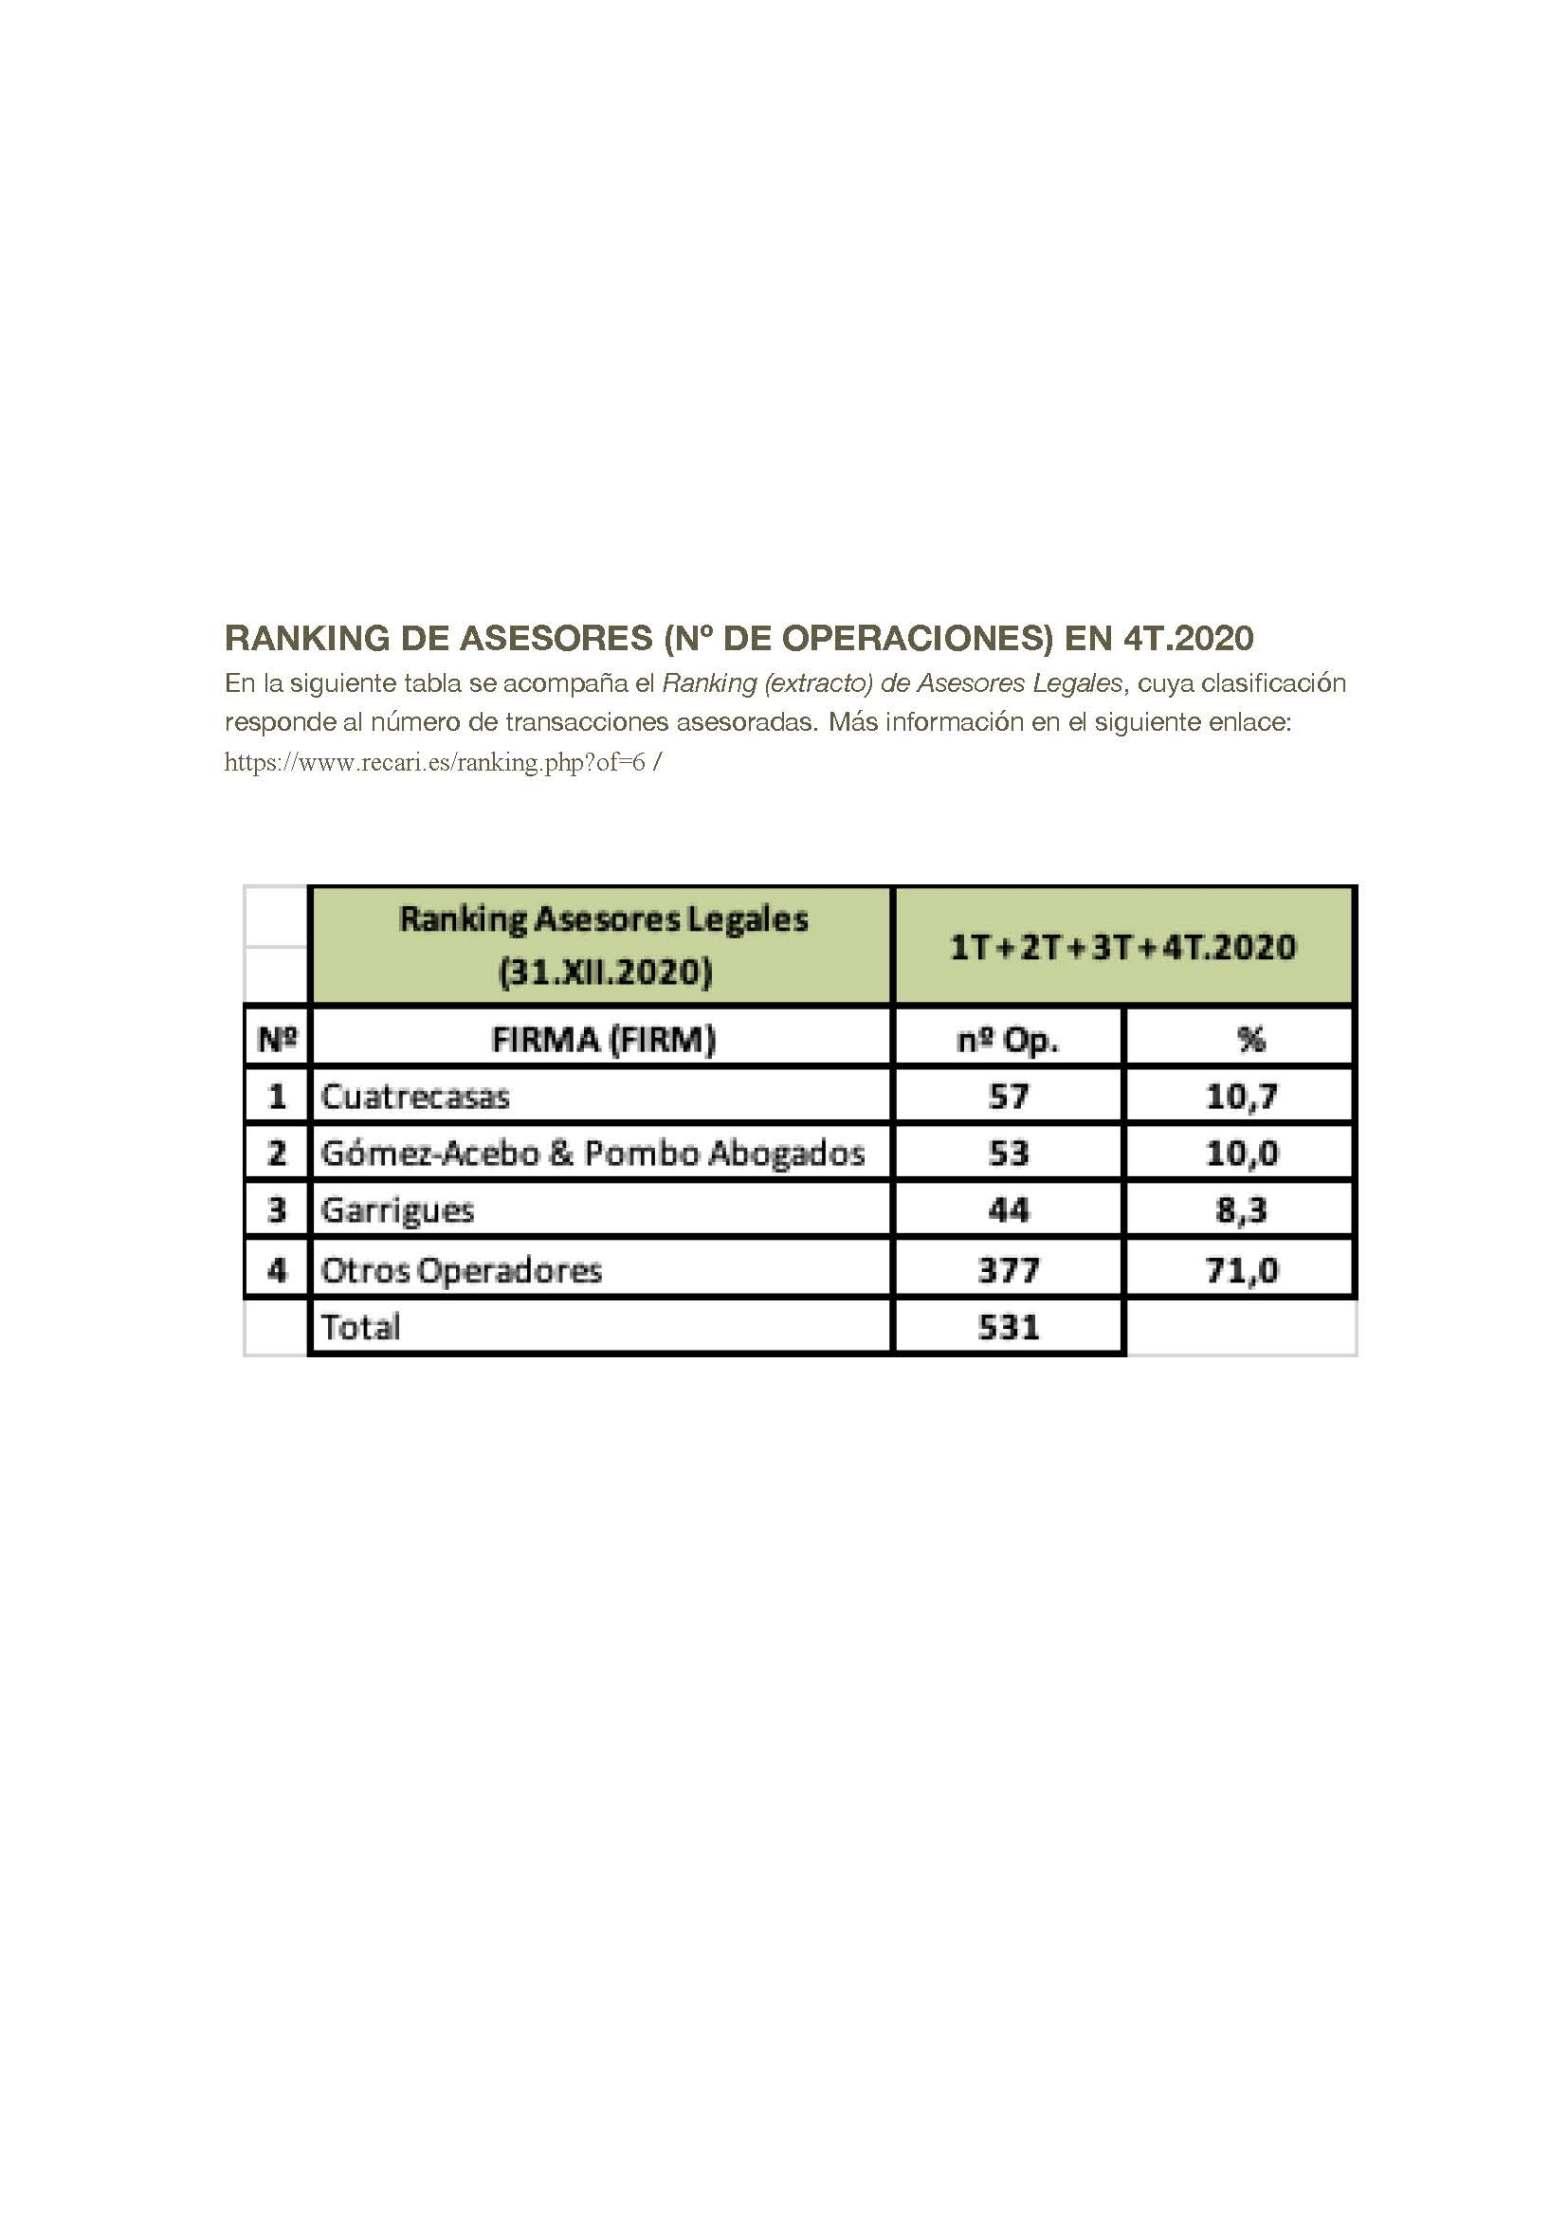 Ranking de Asesores Legales 2020